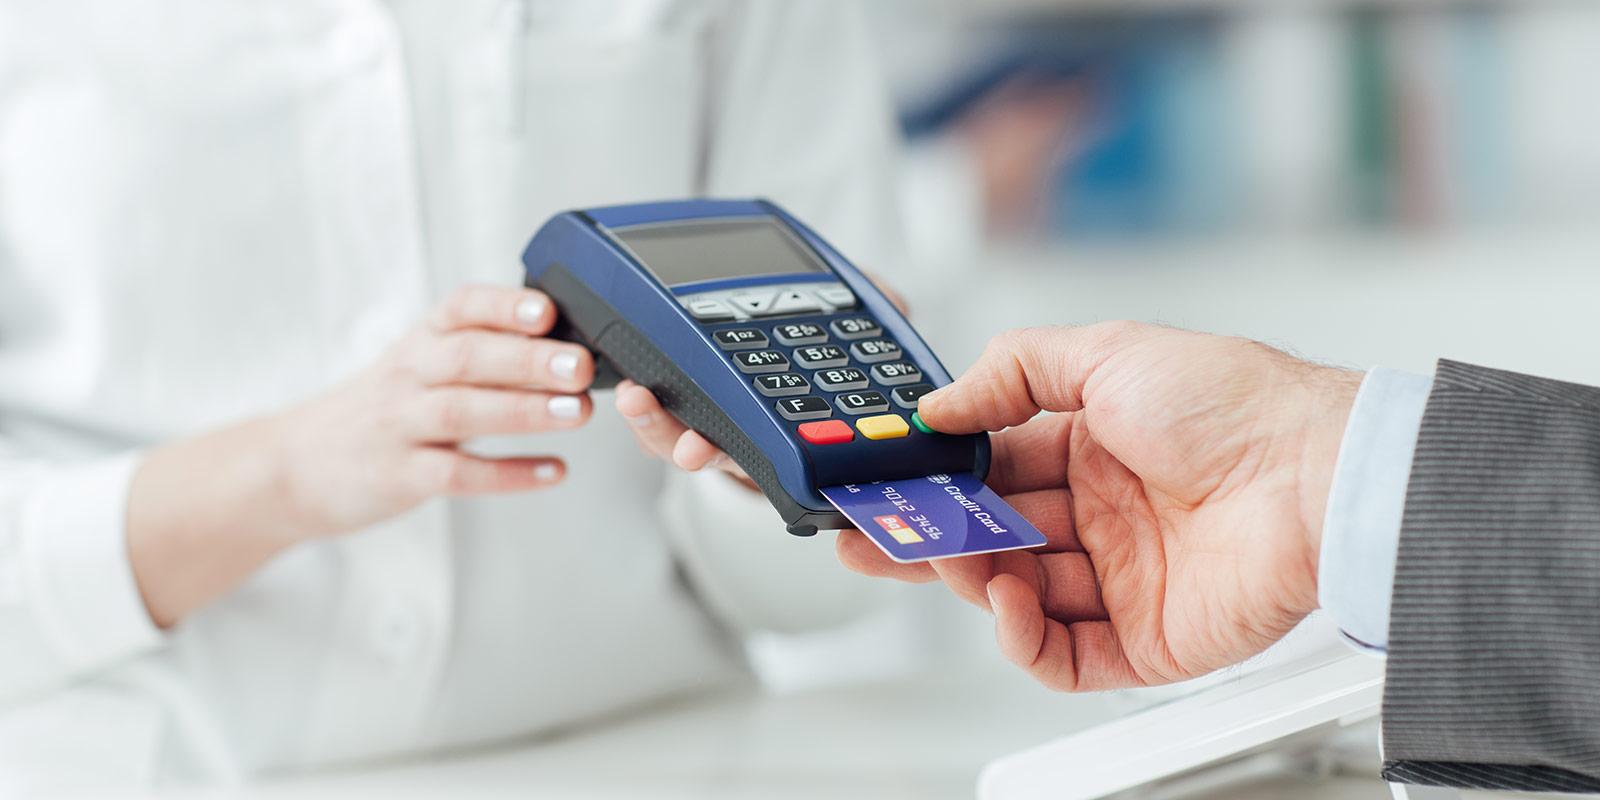 Bankovní převod eur zlevní! Příplatky za europlatby skončí stejně jako ty za roaming